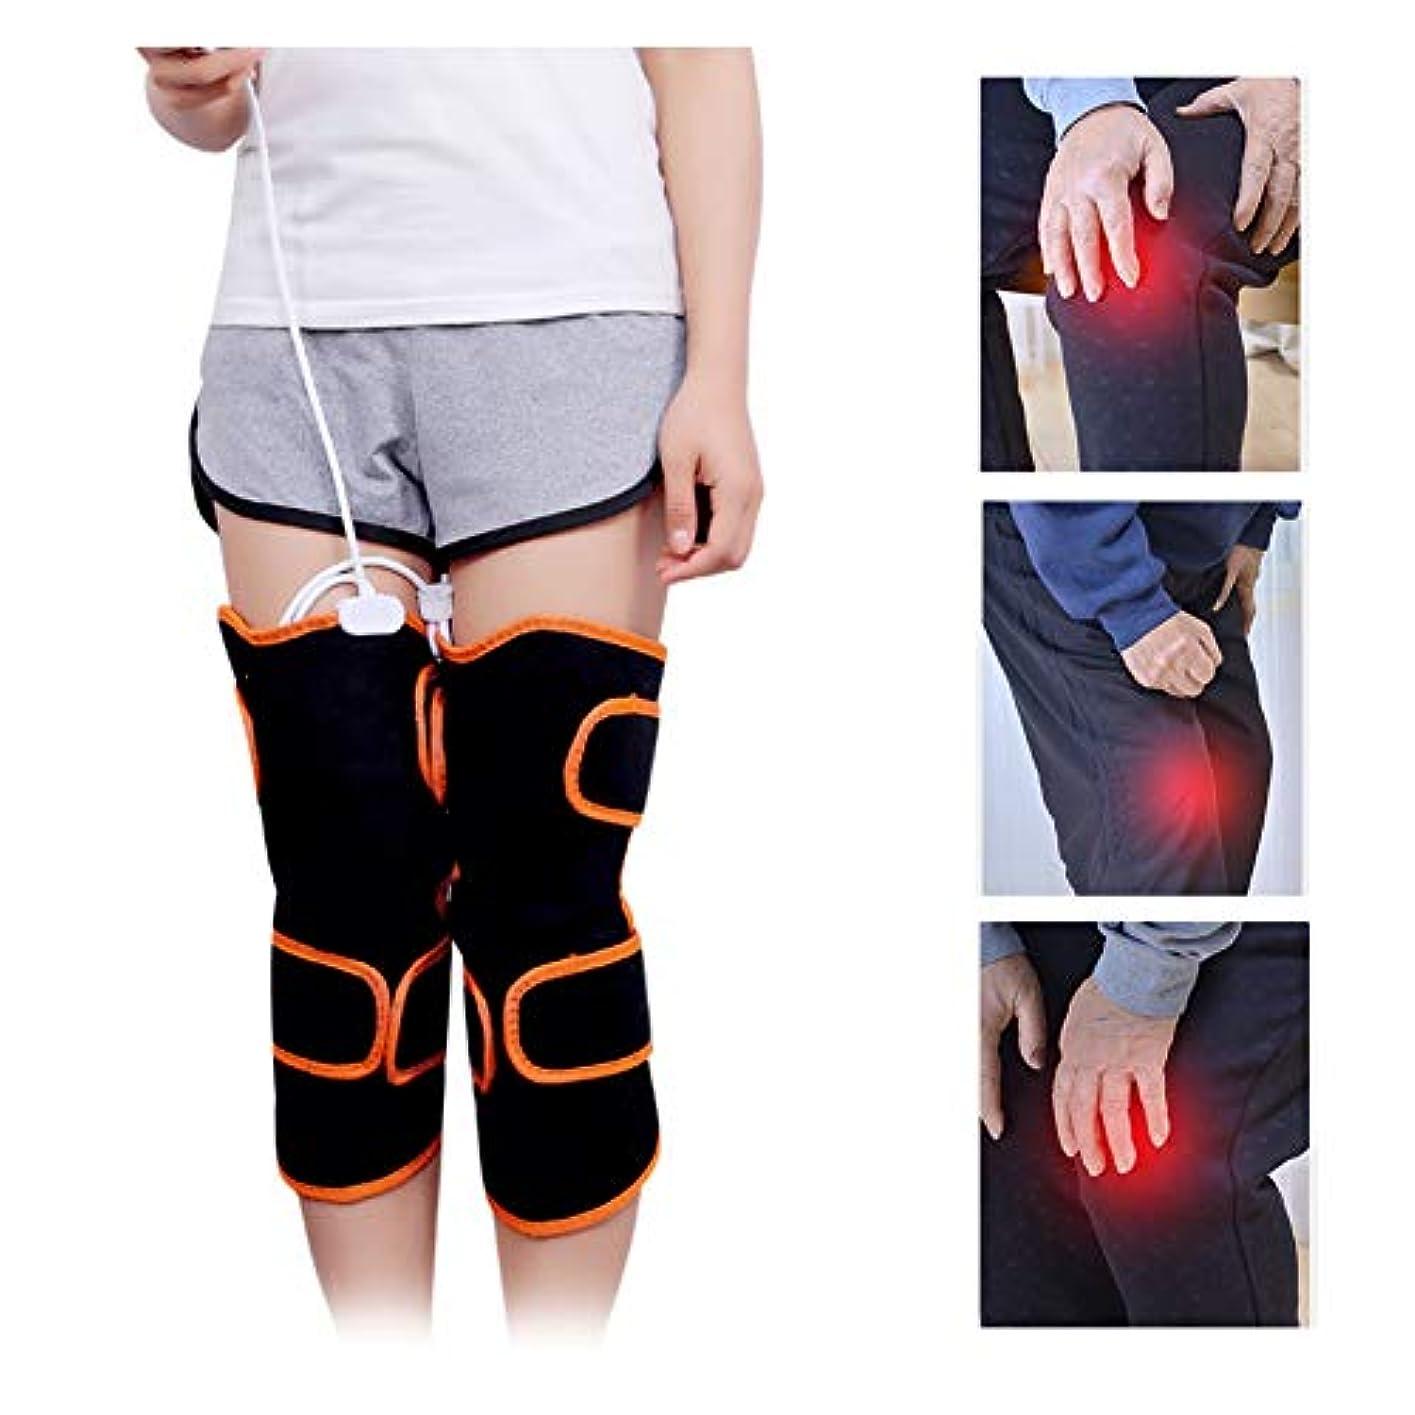 急性スタッフアラブ暖房膝ブレースラップサポート - 膝温熱パッド - 9マッサージモードと膝のけが、痛みを軽減するための5つの速度で治療マッサージャー